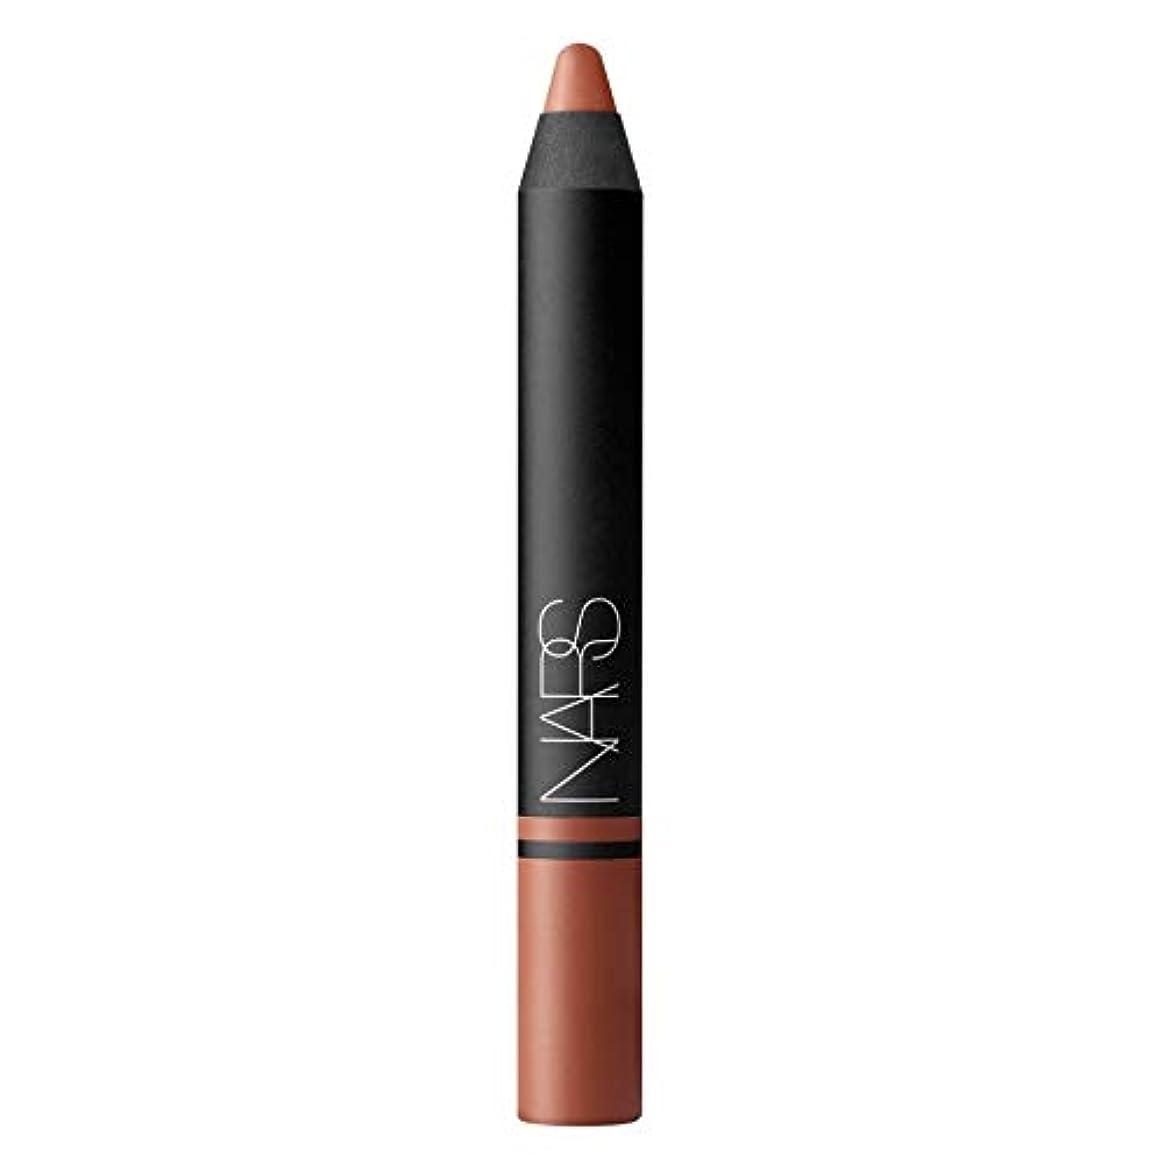 確認する近似アッパー[NARS] HetのトイレでのリップペンシルサテンのNar - Nars Satin Lip Pencil in Het Loo [並行輸入品]